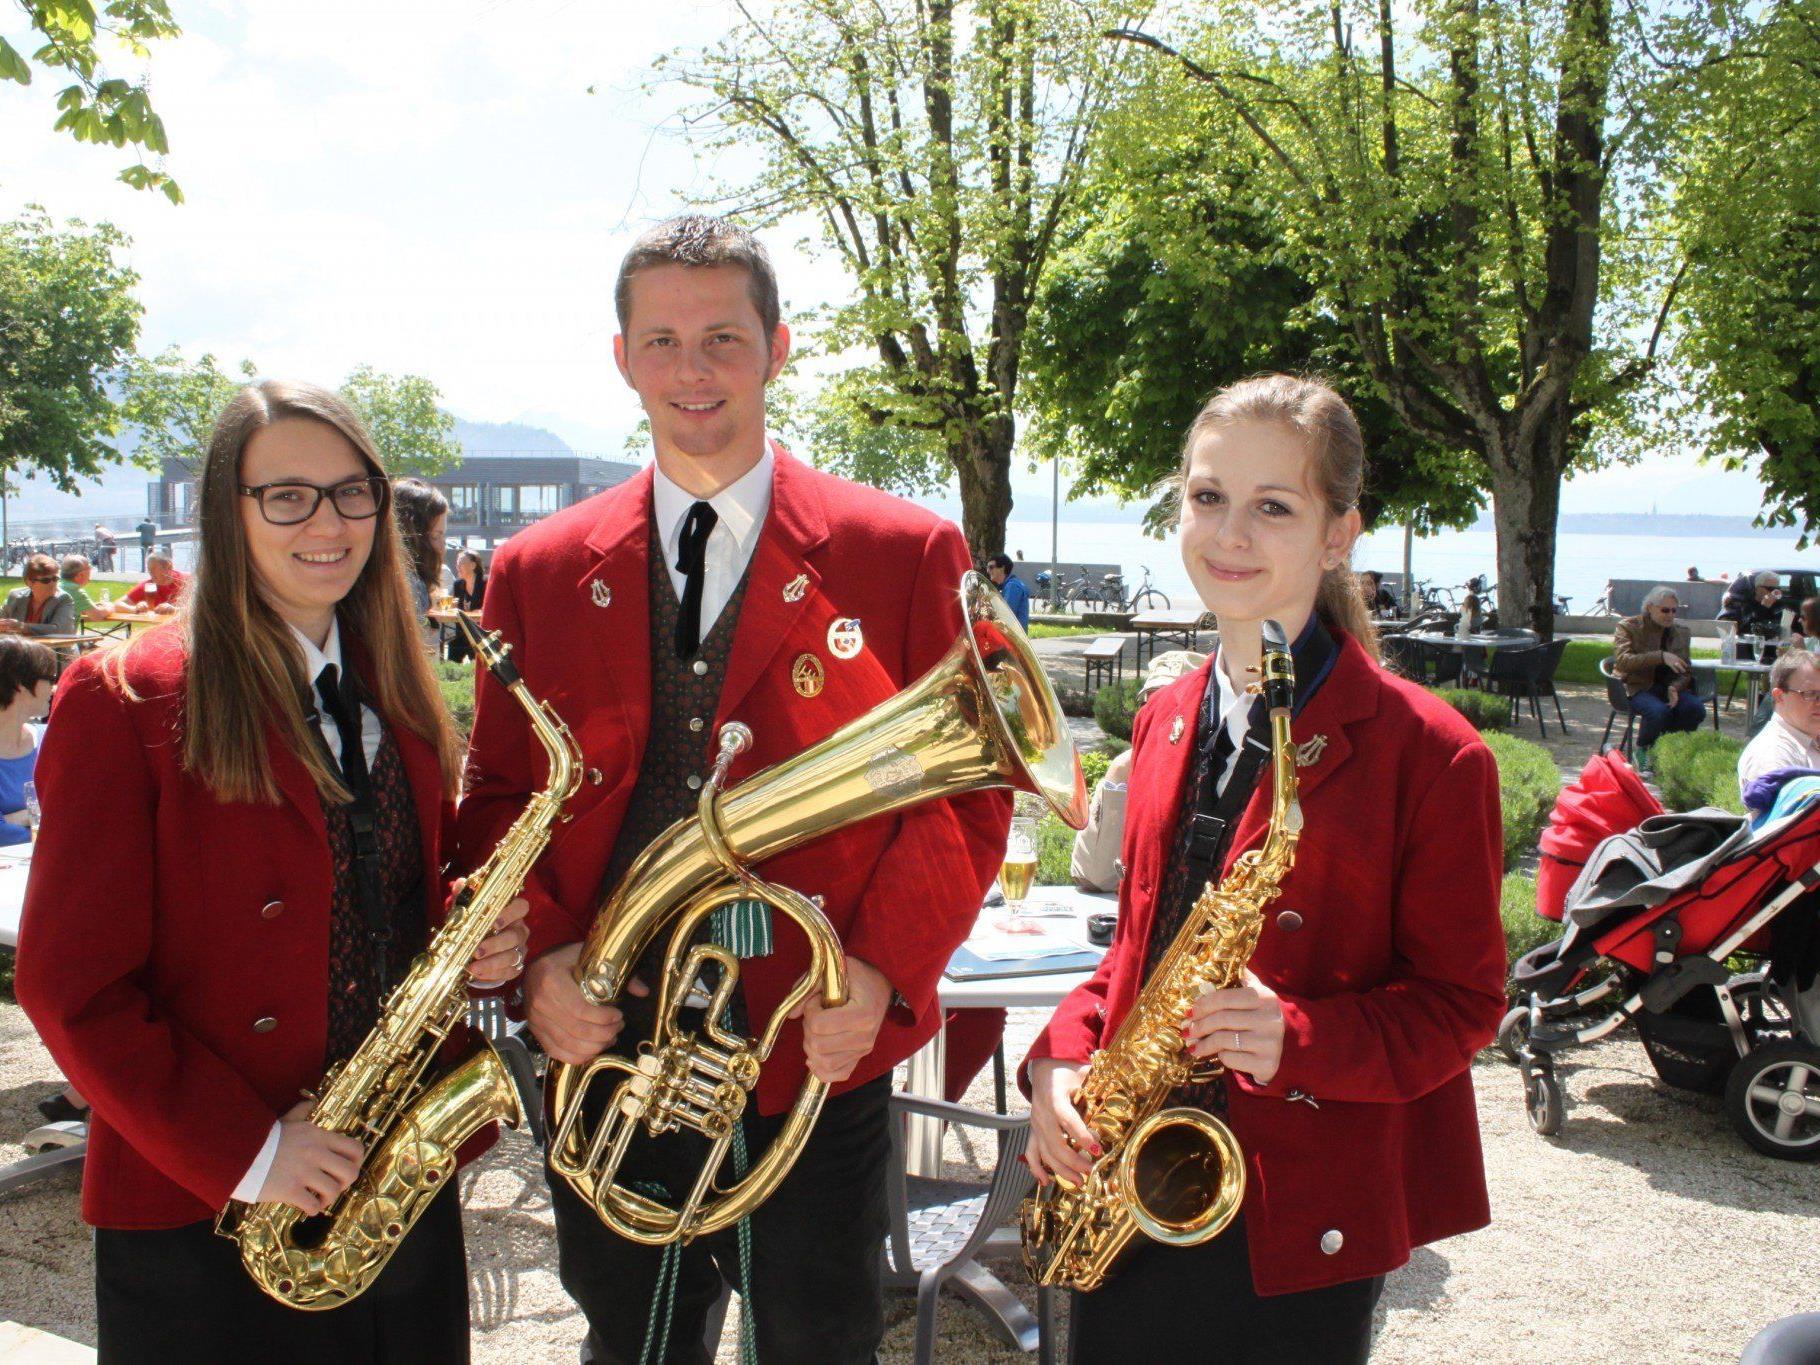 Am Sonntag Blasmusikfrühschoppen mit dem Musikverein Lochau im Gastgarten des Seehotels am Lochauer Kaiserstrand.